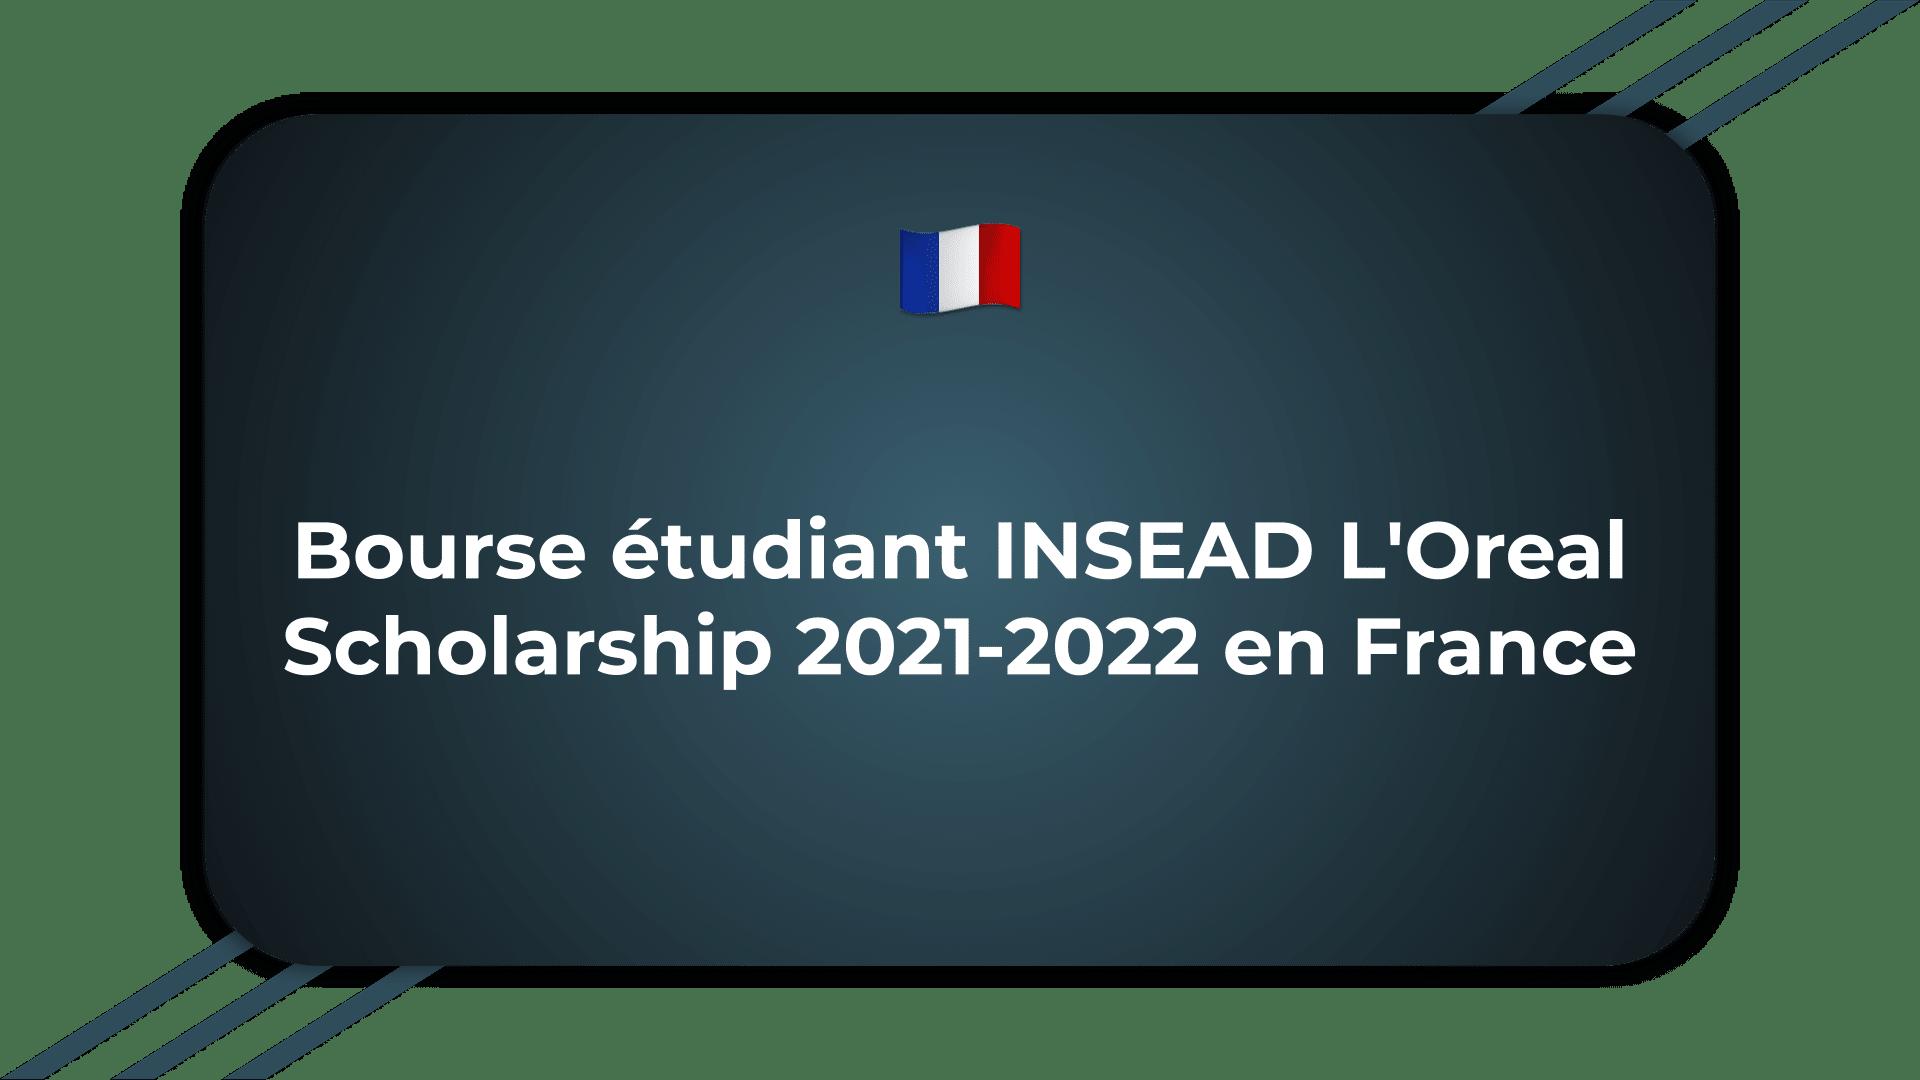 Bourse étudiant INSEAD L'Oreal Scholarship